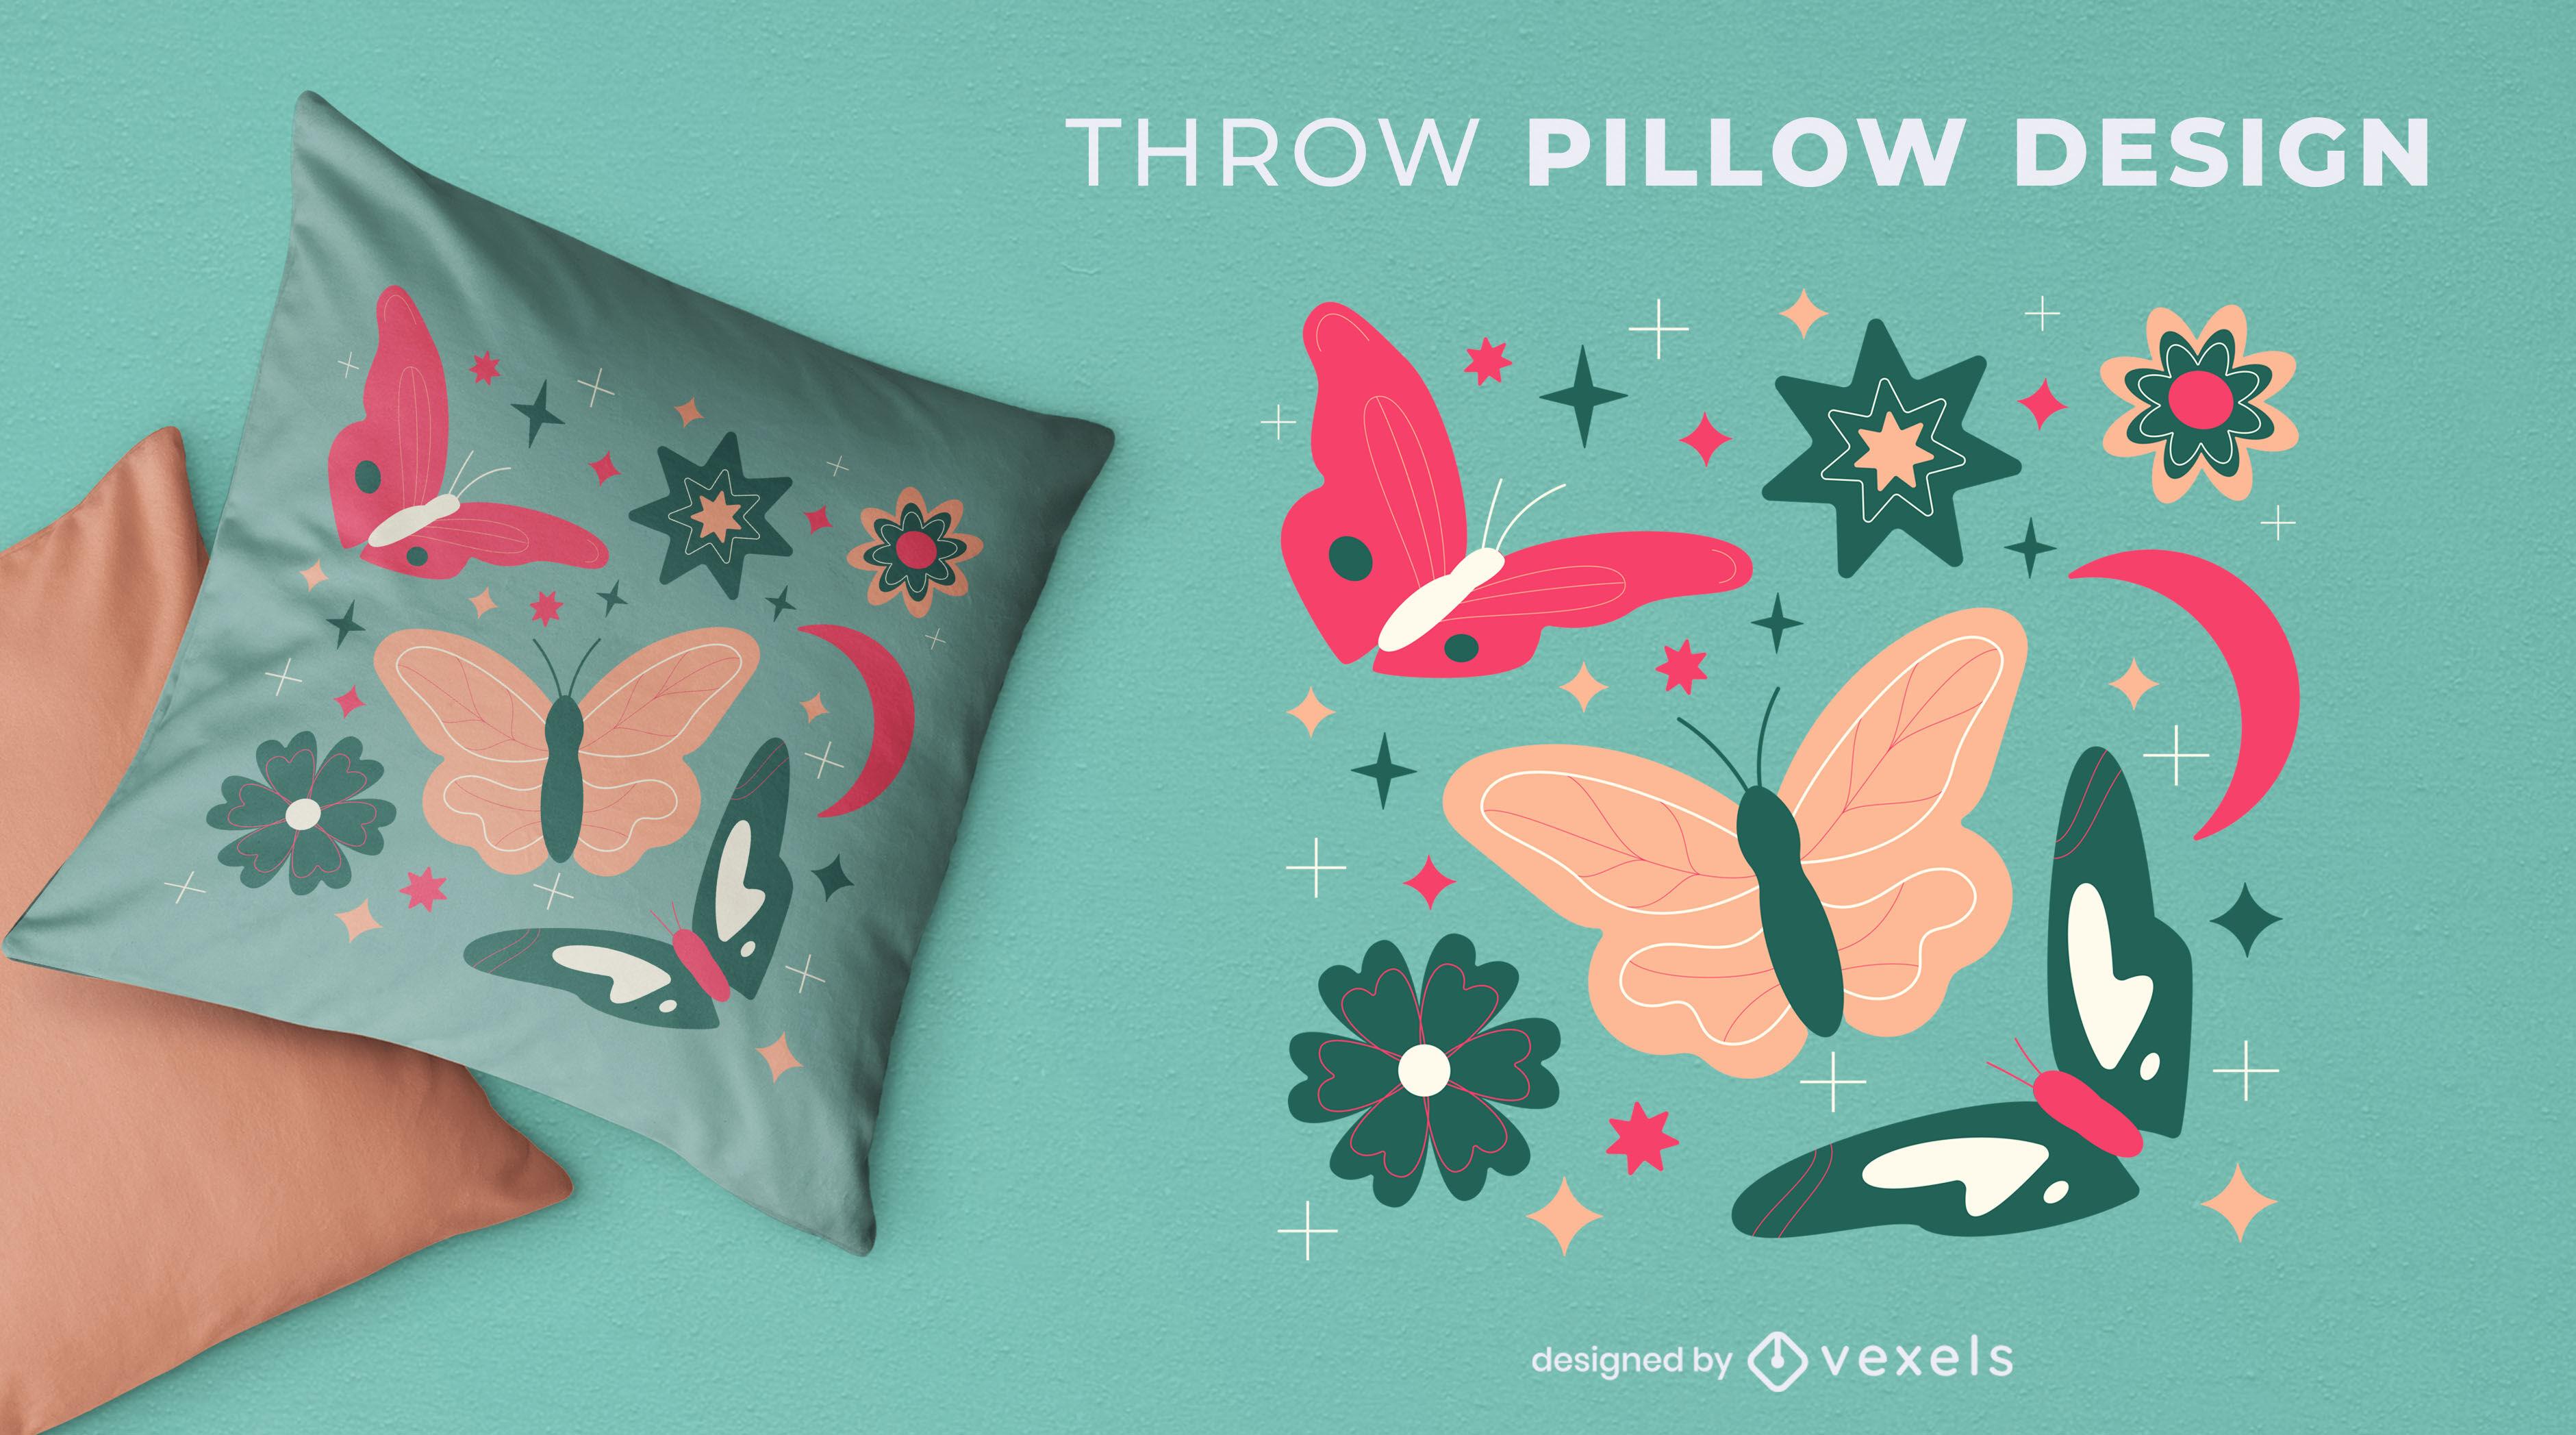 Diseño de almohada de tiro con flores y mariposas.